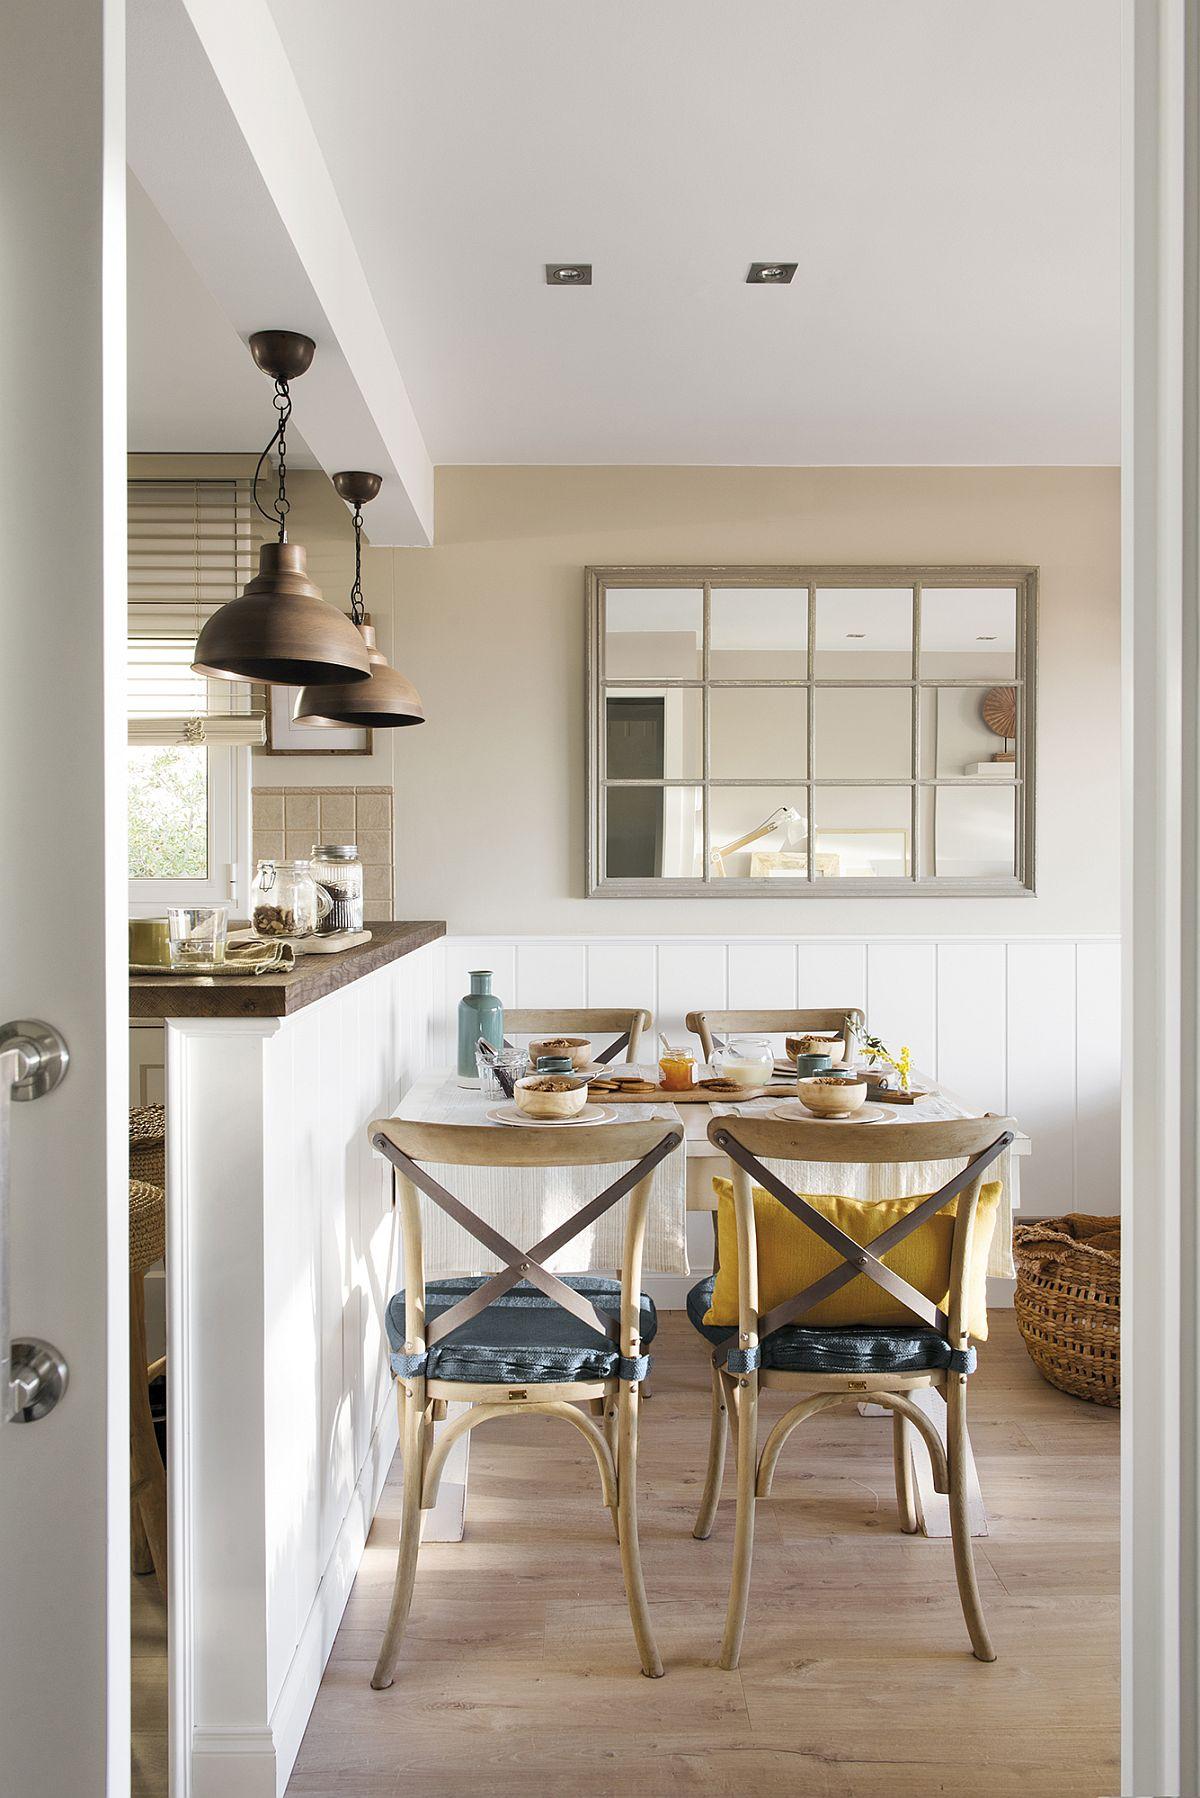 La intrarea în zona de zi cu bucătărie deschisă către living, primul loc care se vede este cel al mesei. Asta dă din start o imagine primitoare. Un truc binevenit pentru a estompa lățimea relativ mică a spațiului a fost amplasarea unei oglinzi care dă impresia unei ferestre. Ușa culisantă ajută mult pentur că nu ocupă spațiu și nu incomodează accesul în zona de zi, unde între bucătărie și sufragerie există un parapet care delimitează funcțiunile.